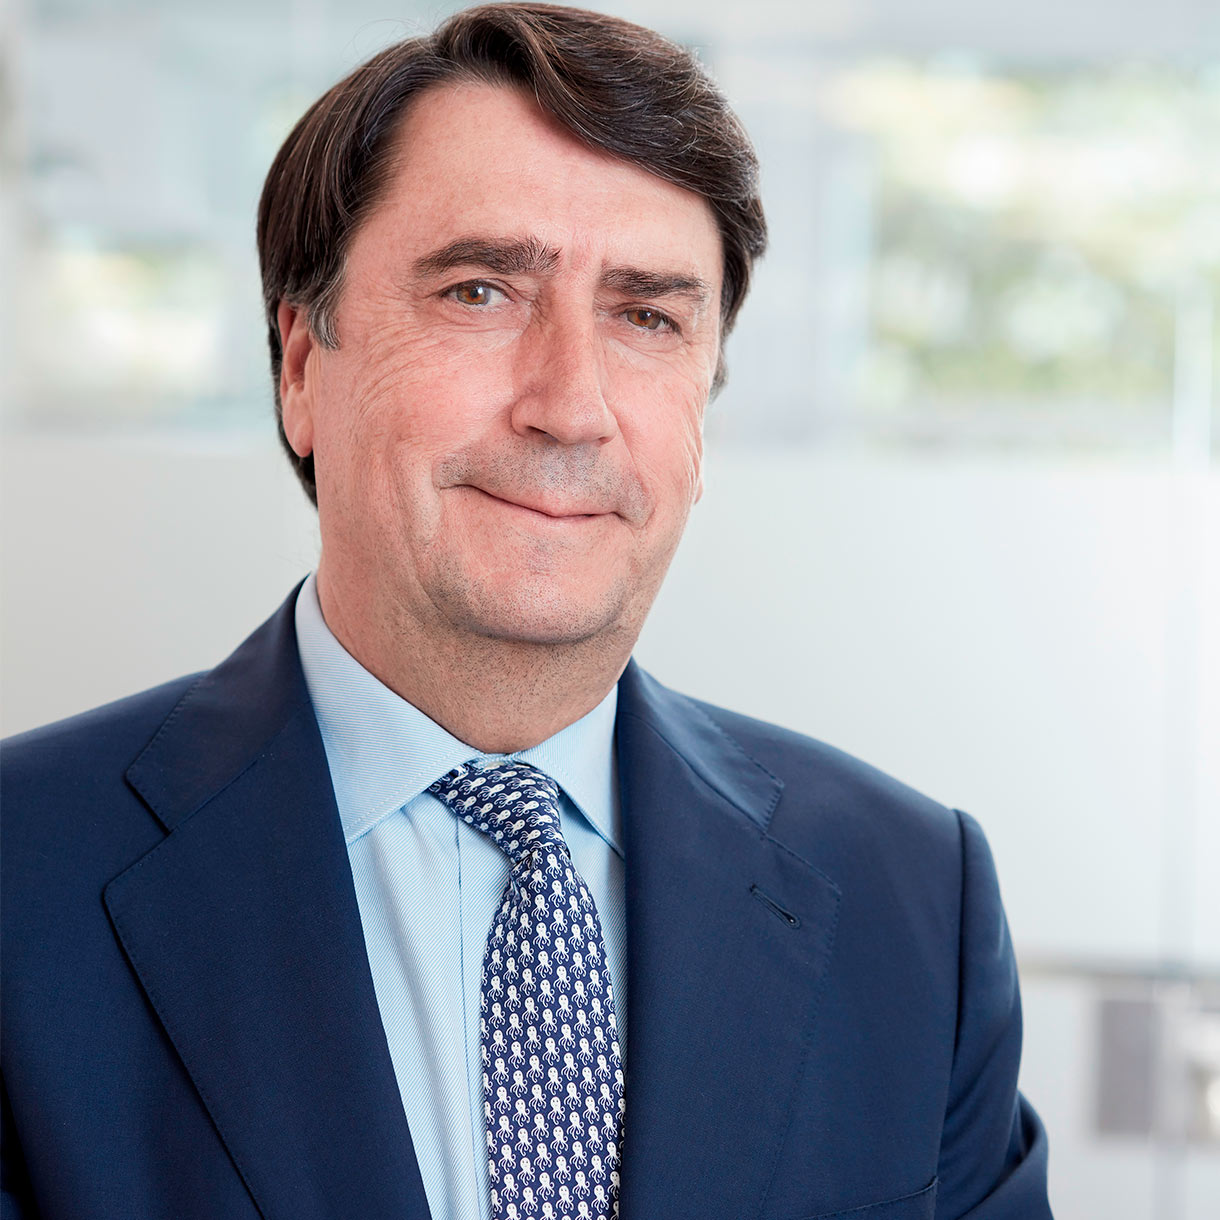 Javier Díaz Gálvez